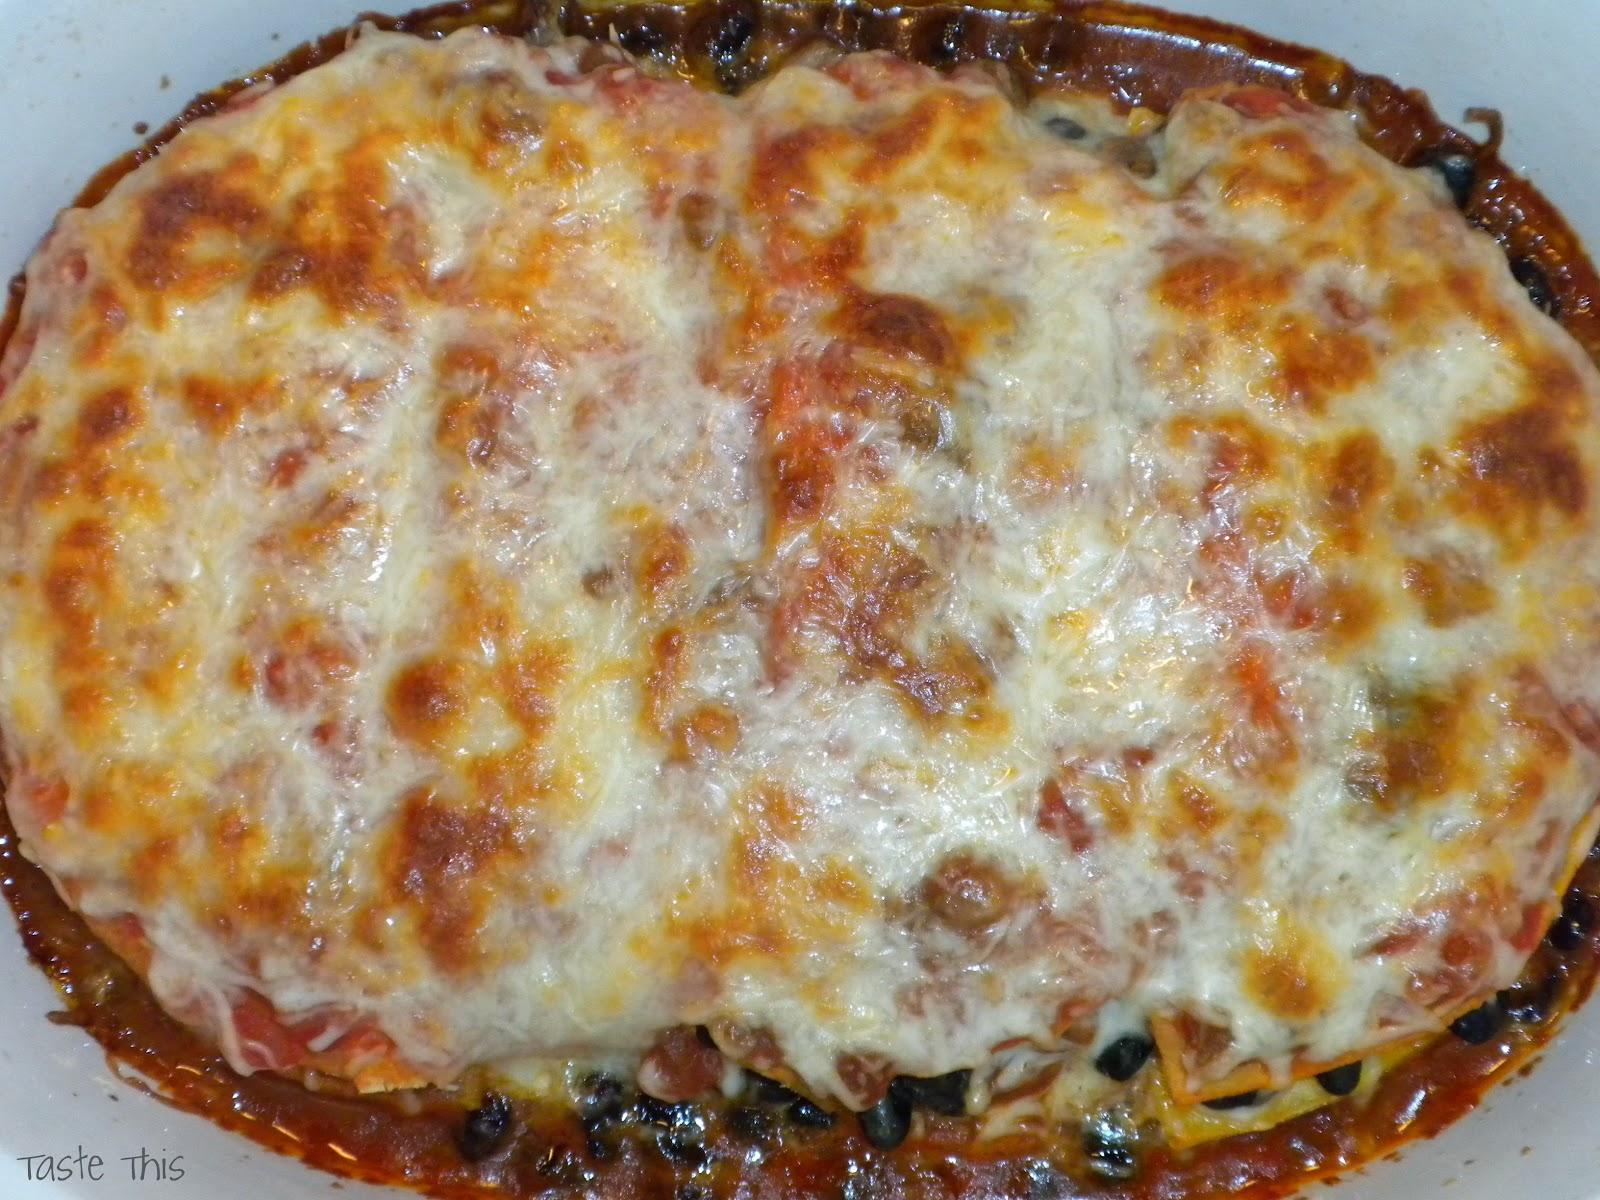 Taste This: Mushroom & Black Bean Tortilla Casserole